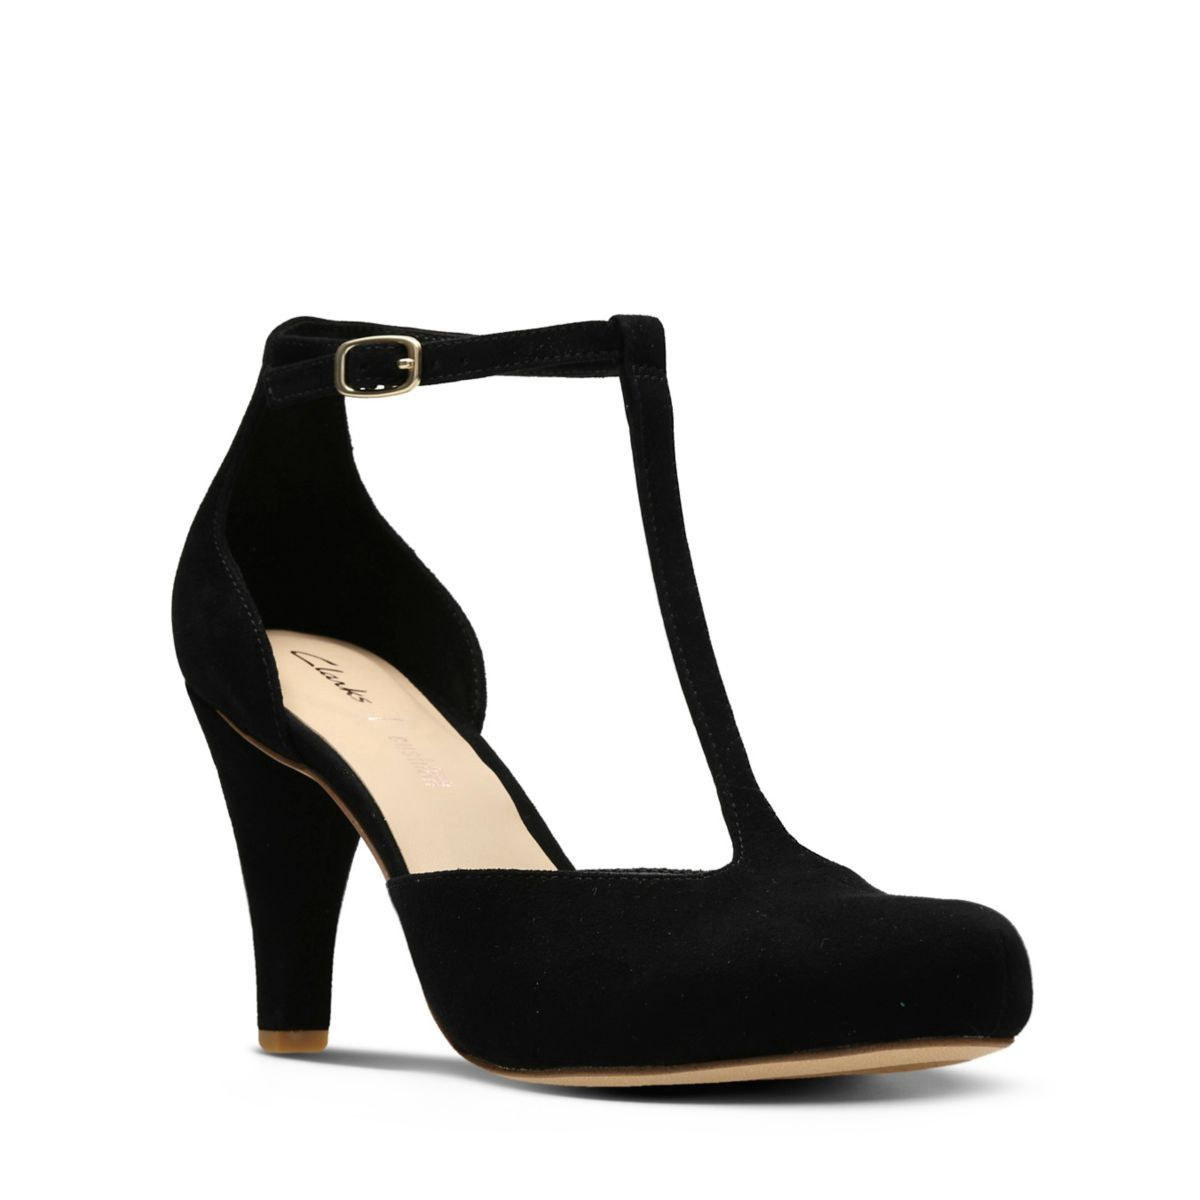 4e3dbc82e685 Clarks Dalia Tulip - Womens Shoes Black Suede 9.5 D (Medium)   WomenShoesPlatform  womenshoesblack